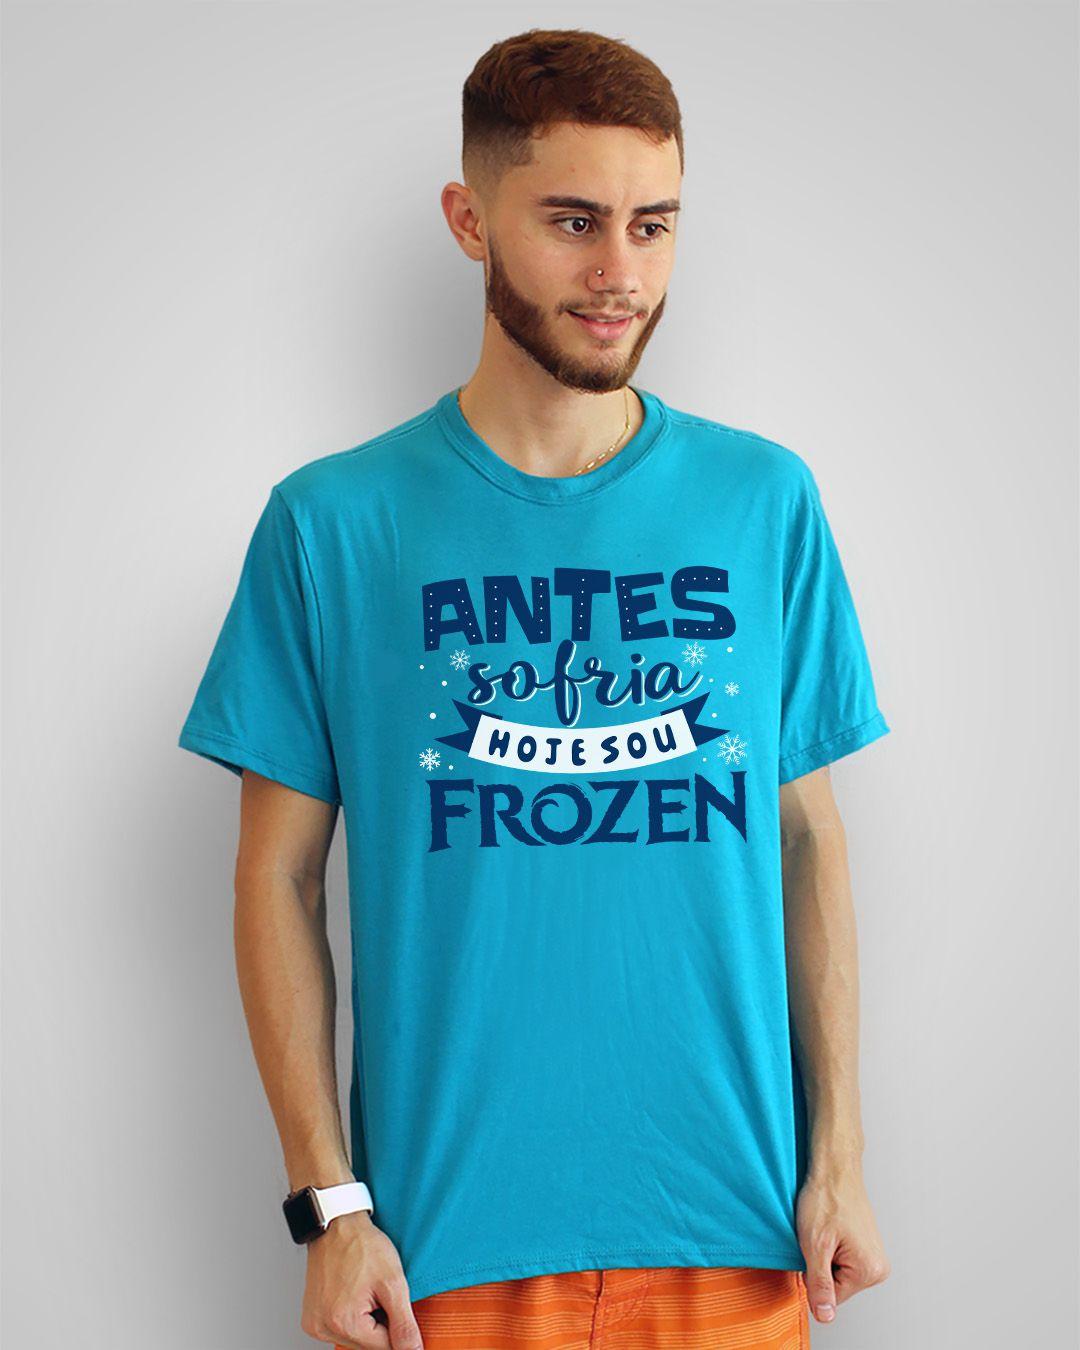 Camiseta Antes sofria, hoje sou Frozen